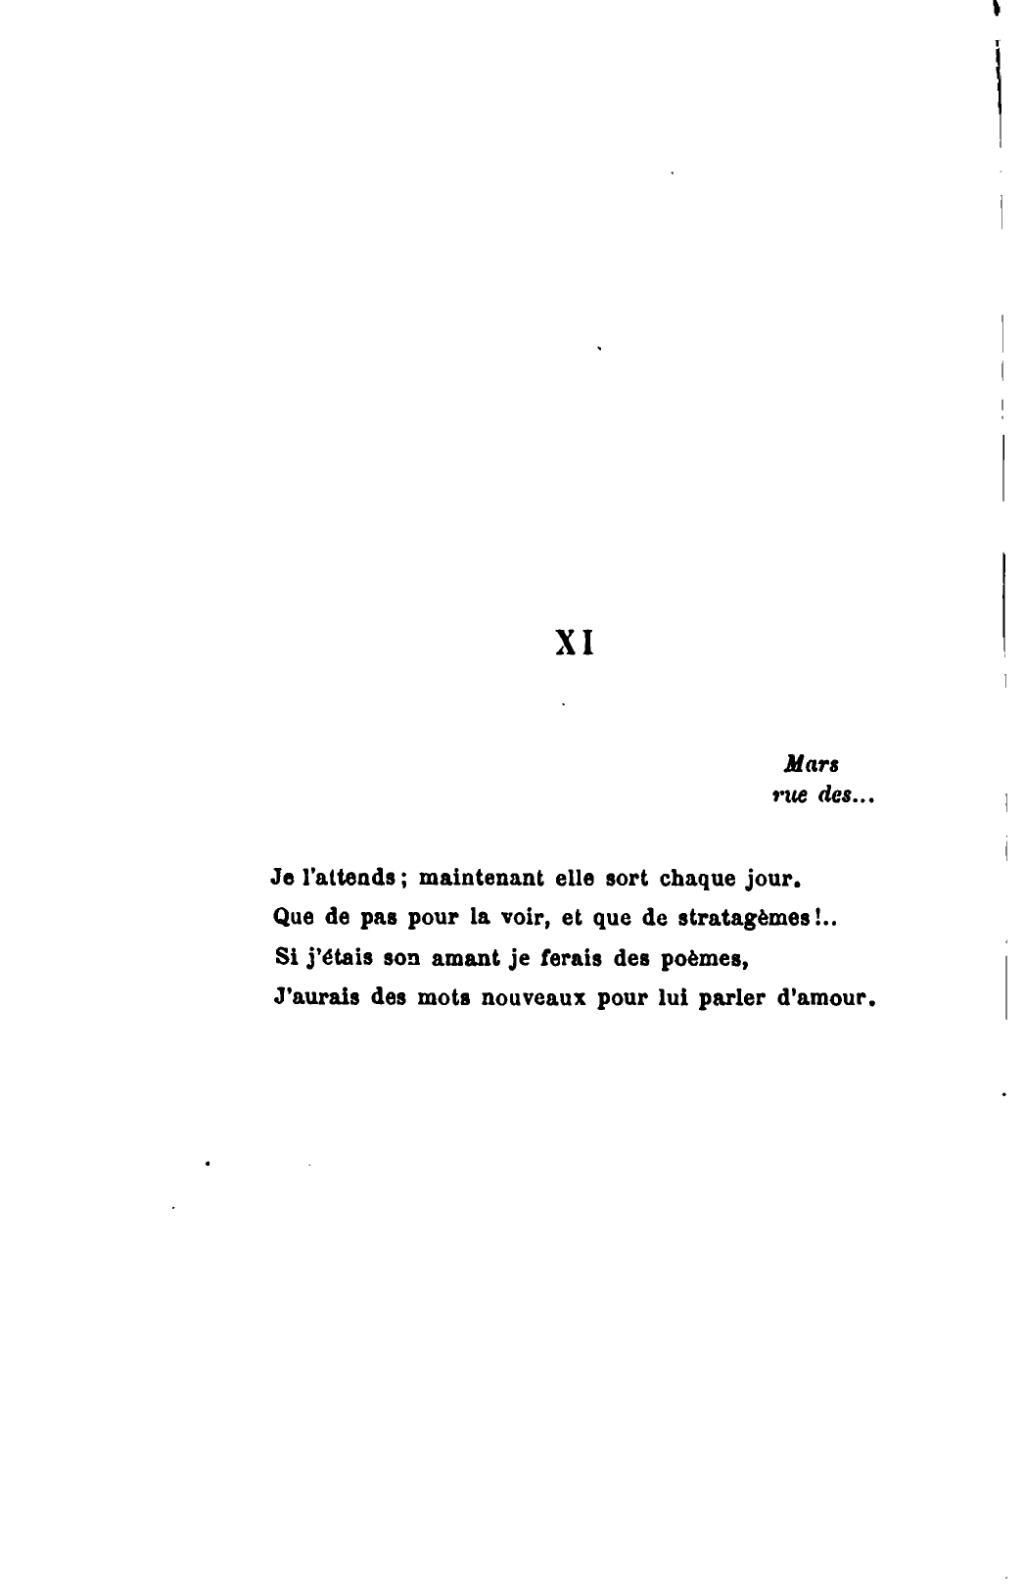 Pageporto Riche Bonheur Manqué 1889djvu32 Wikisource